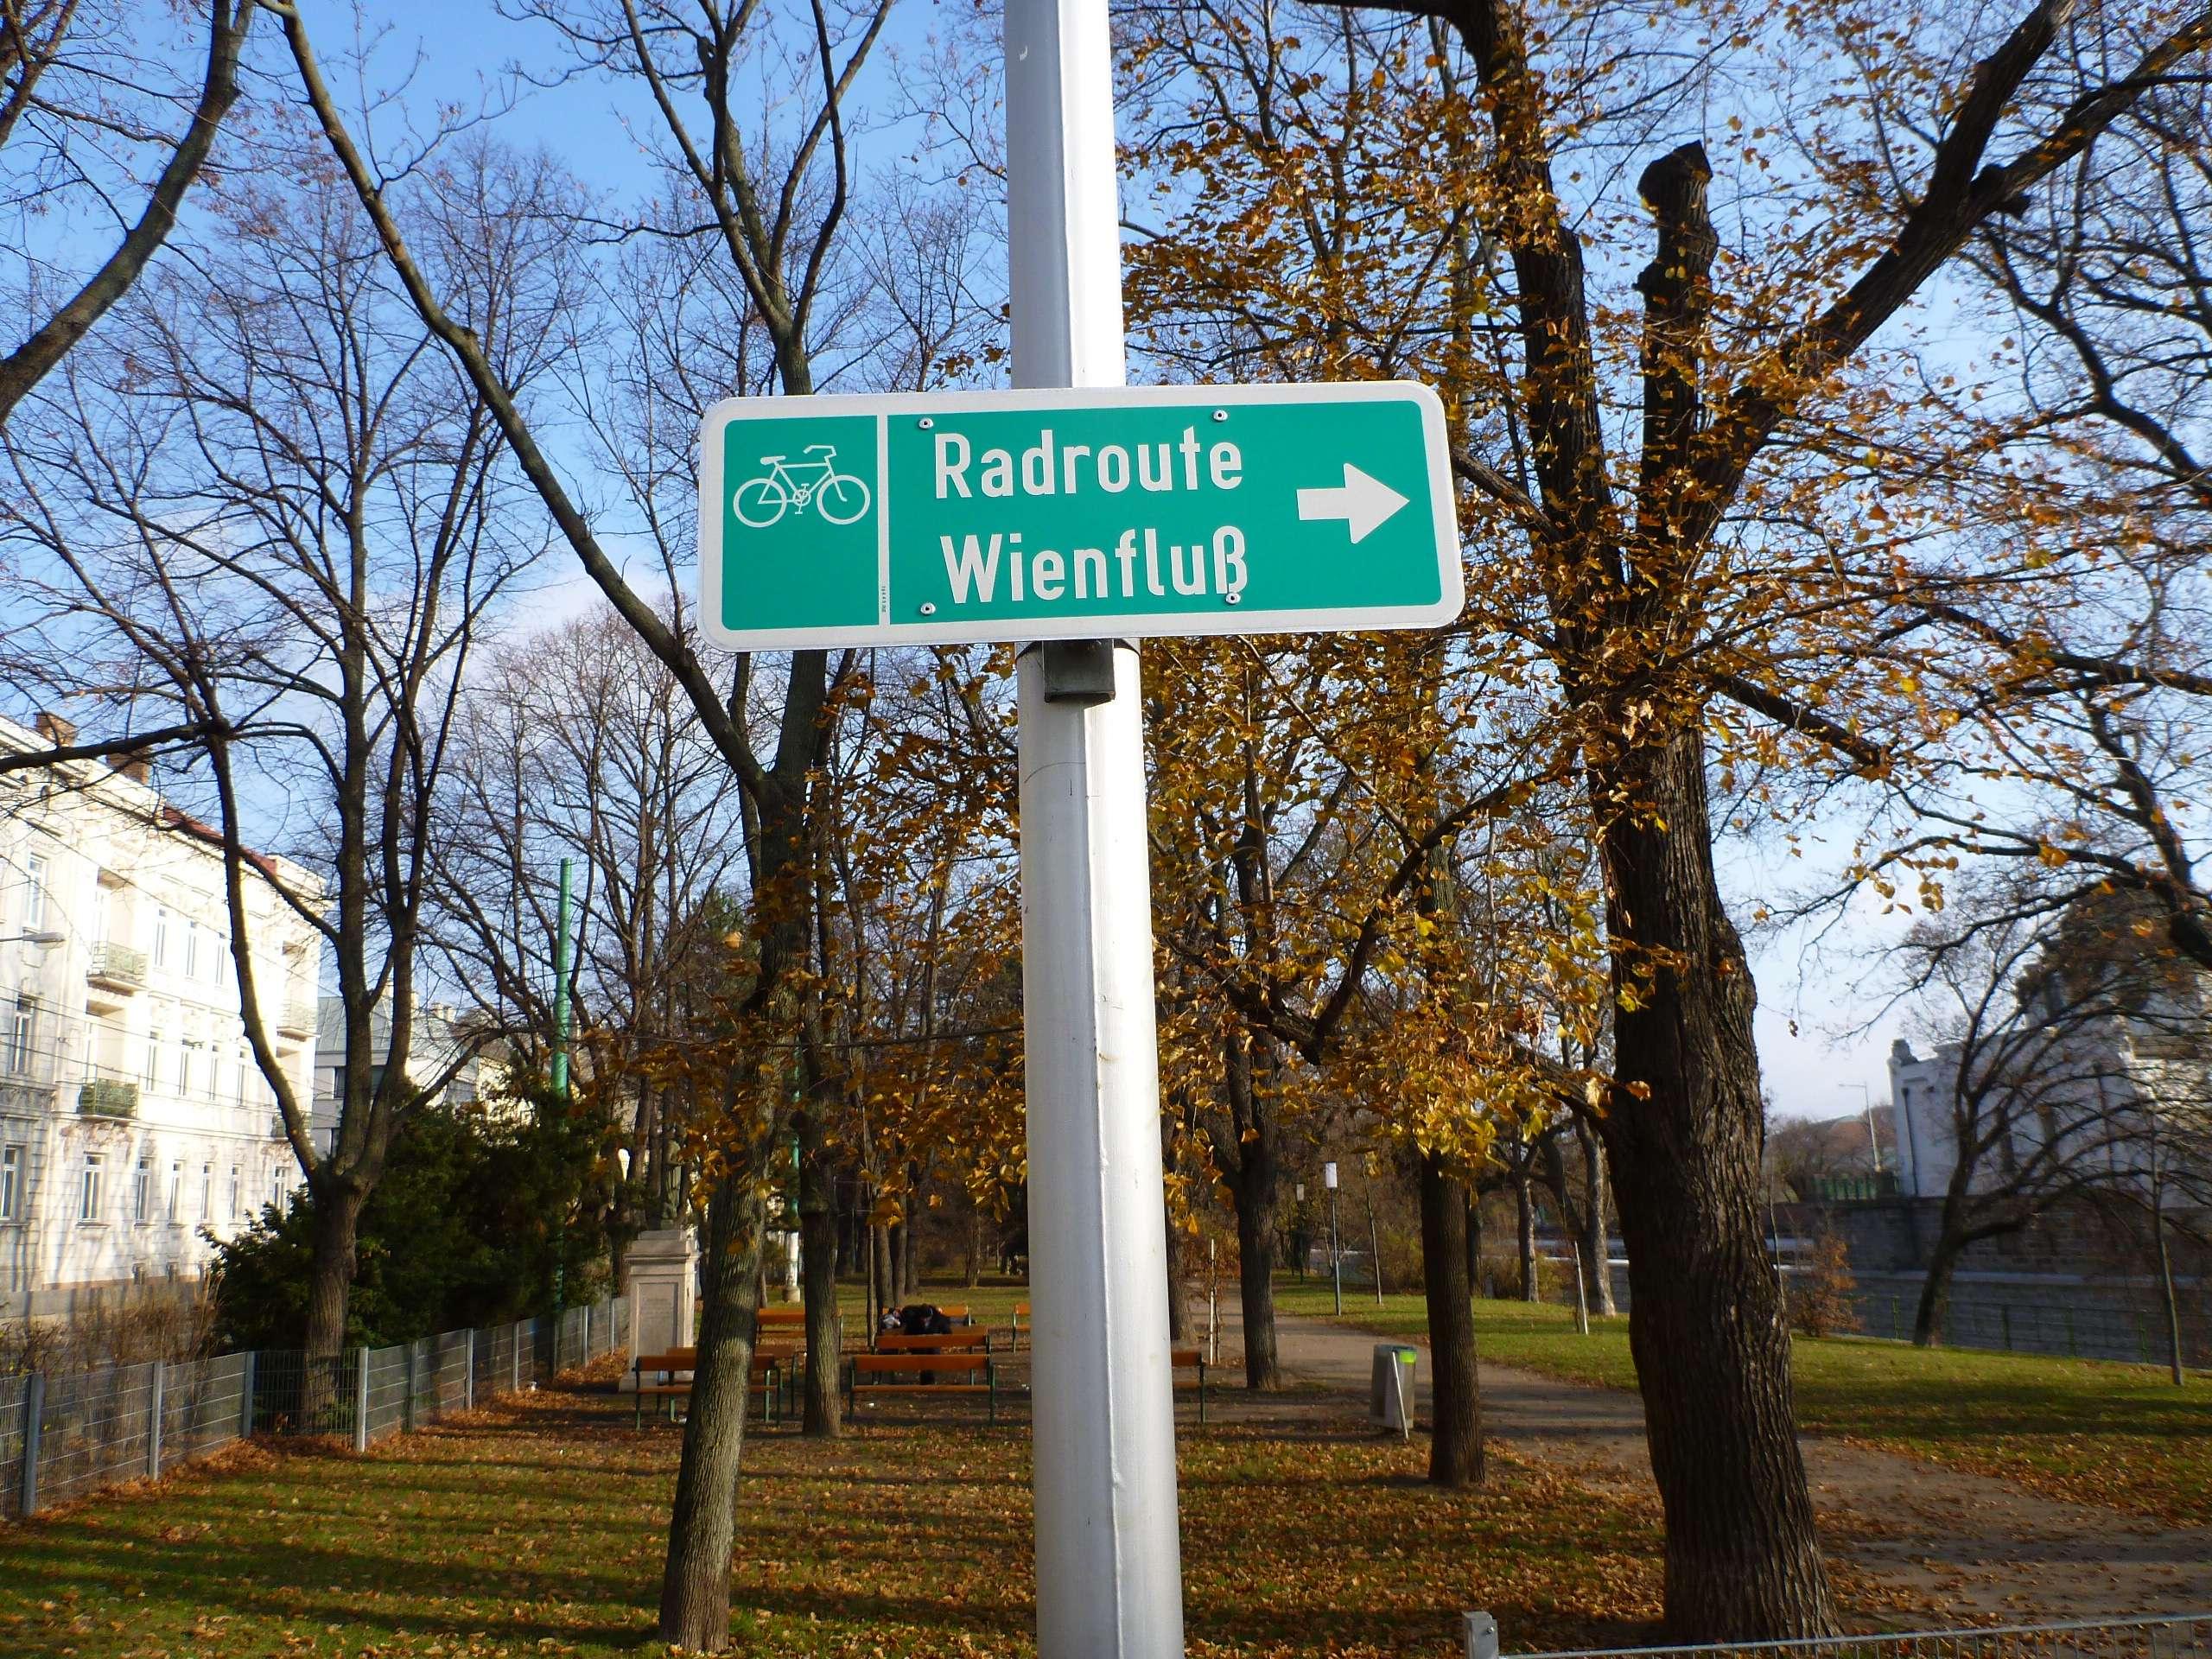 Radroute Wienfluß